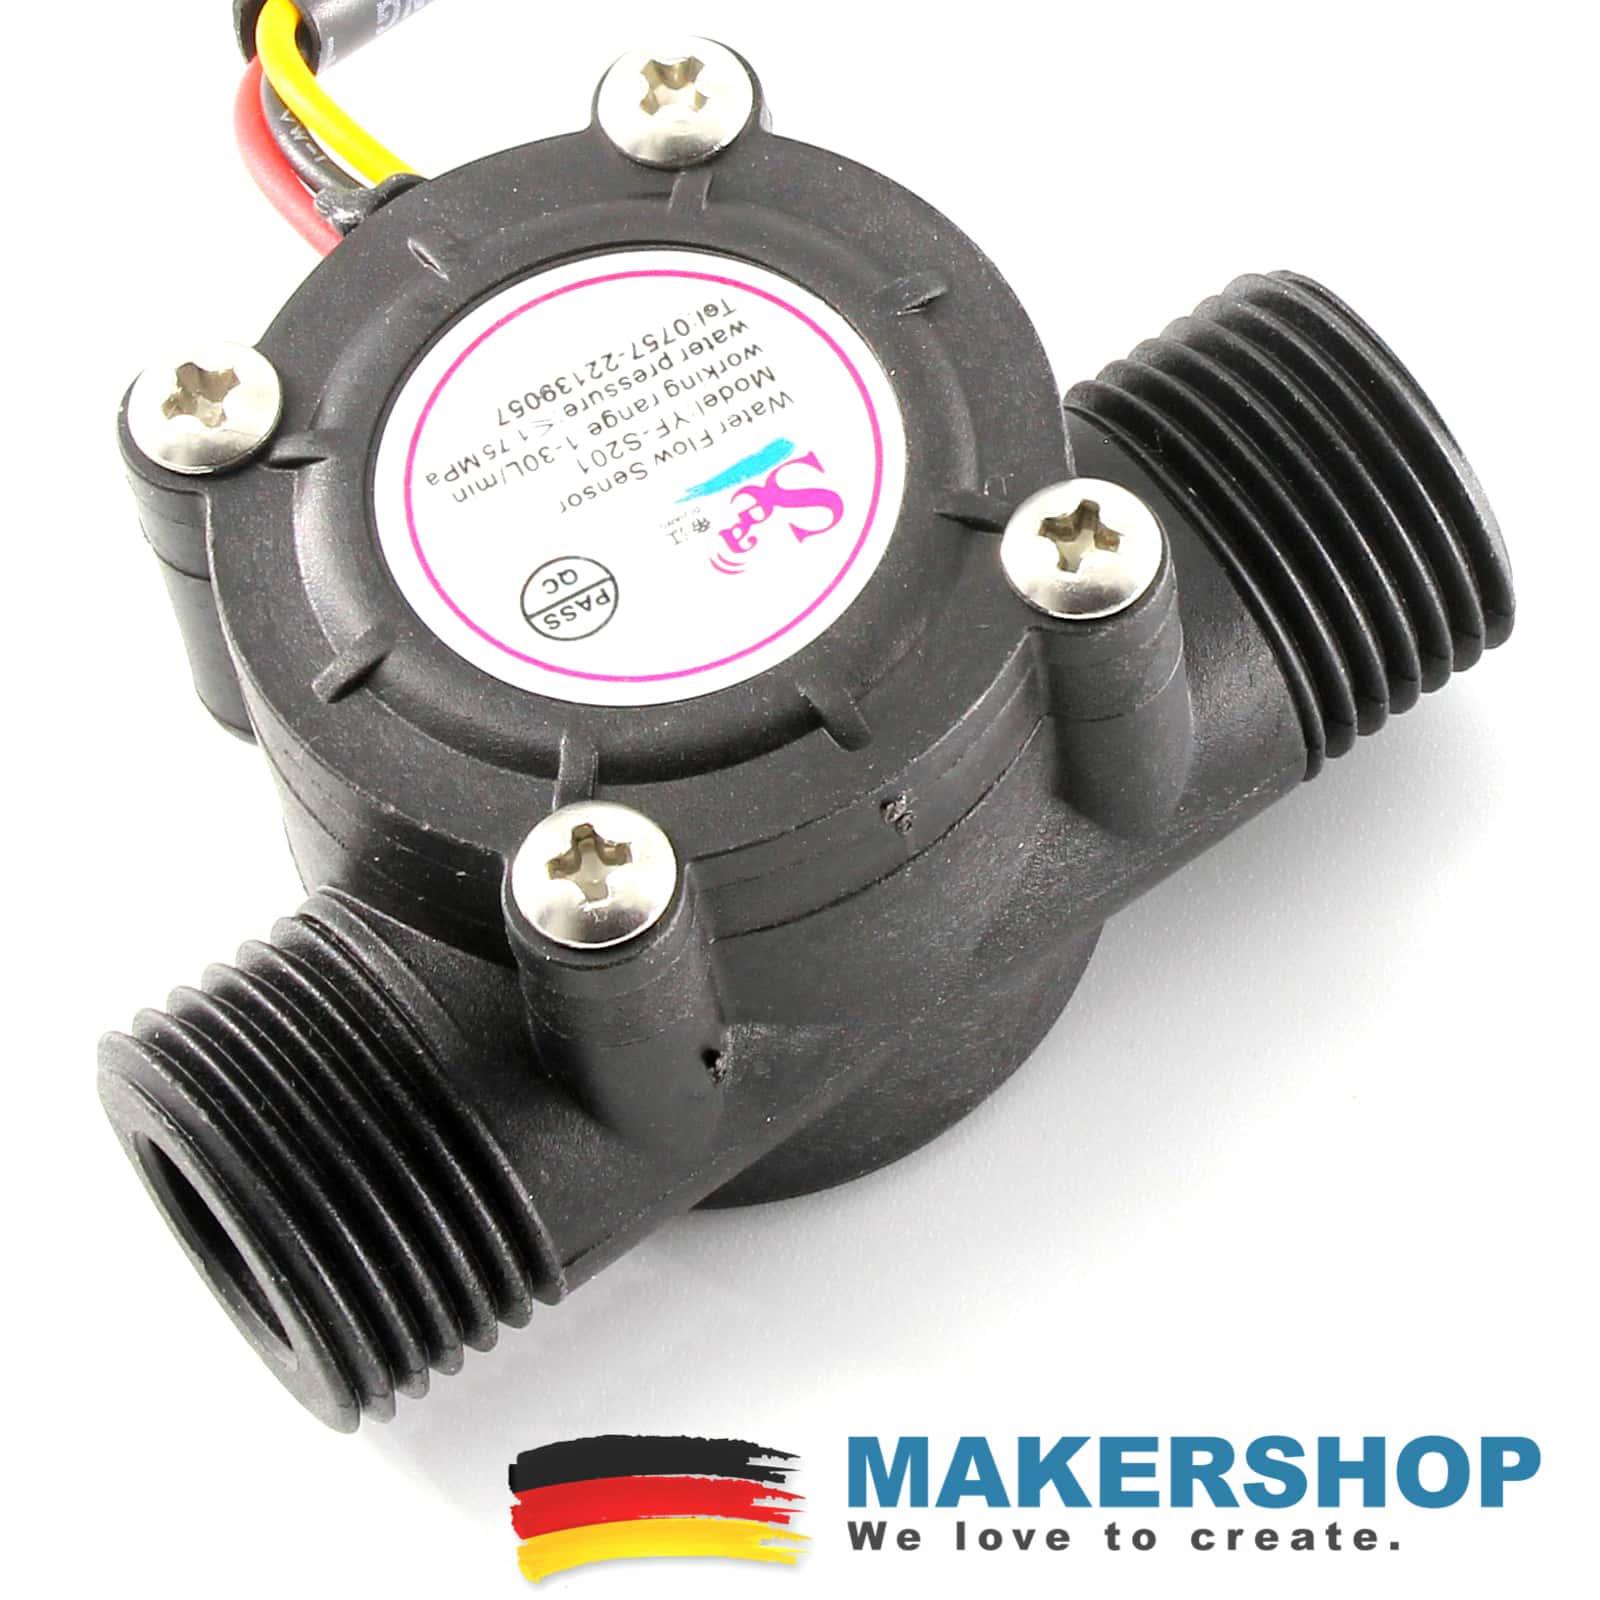 Wasserfluss Durchfluss Sensor YF-S201 Water Flow Sensor Arduino Raspberry Pi